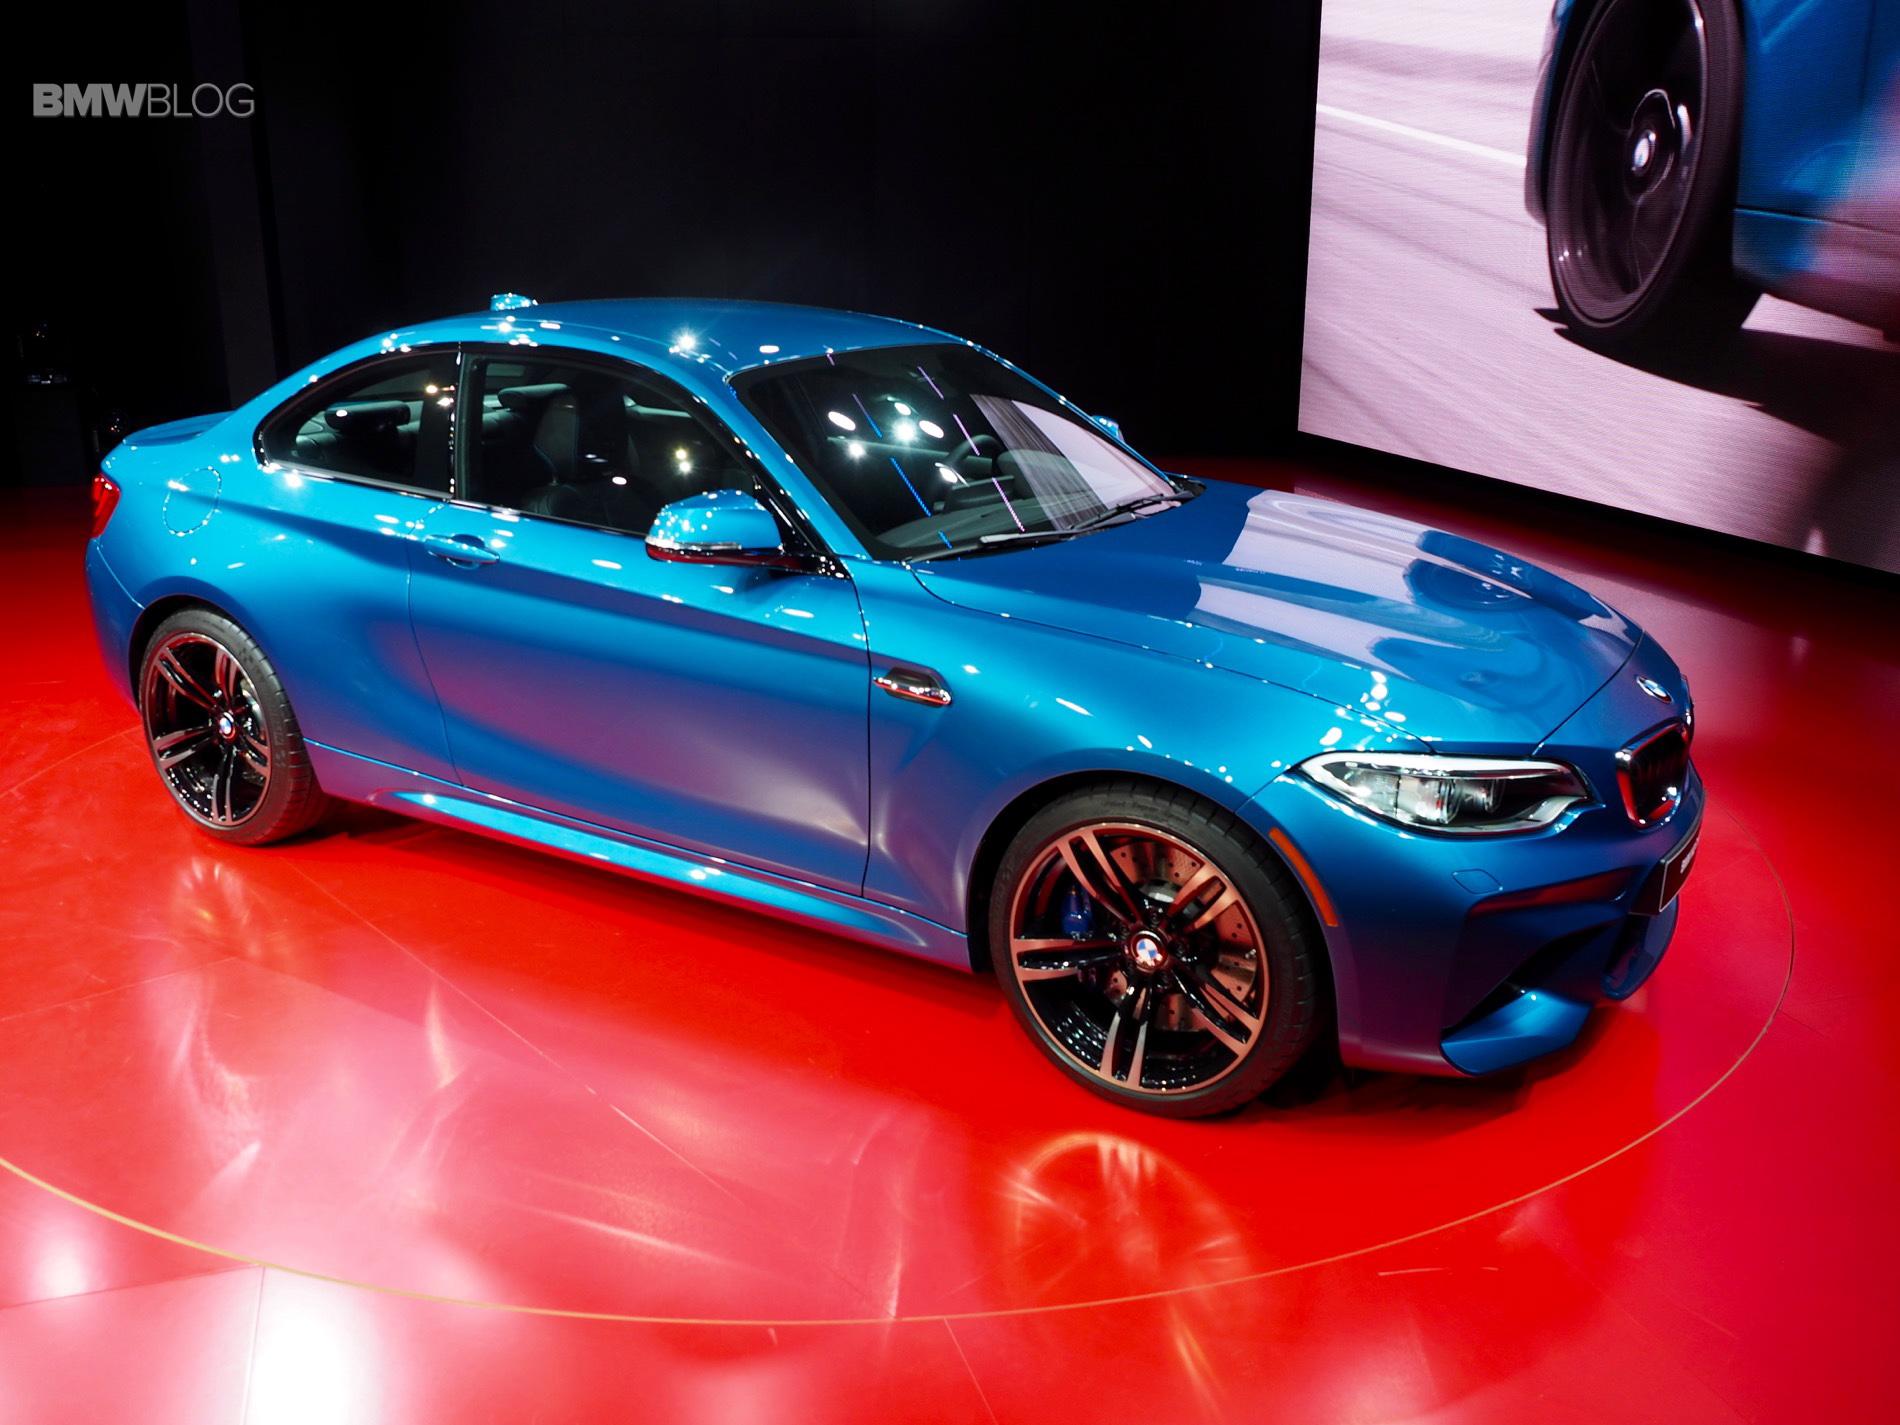 2016 BMW M2 Photos Detroit Auto Show 2